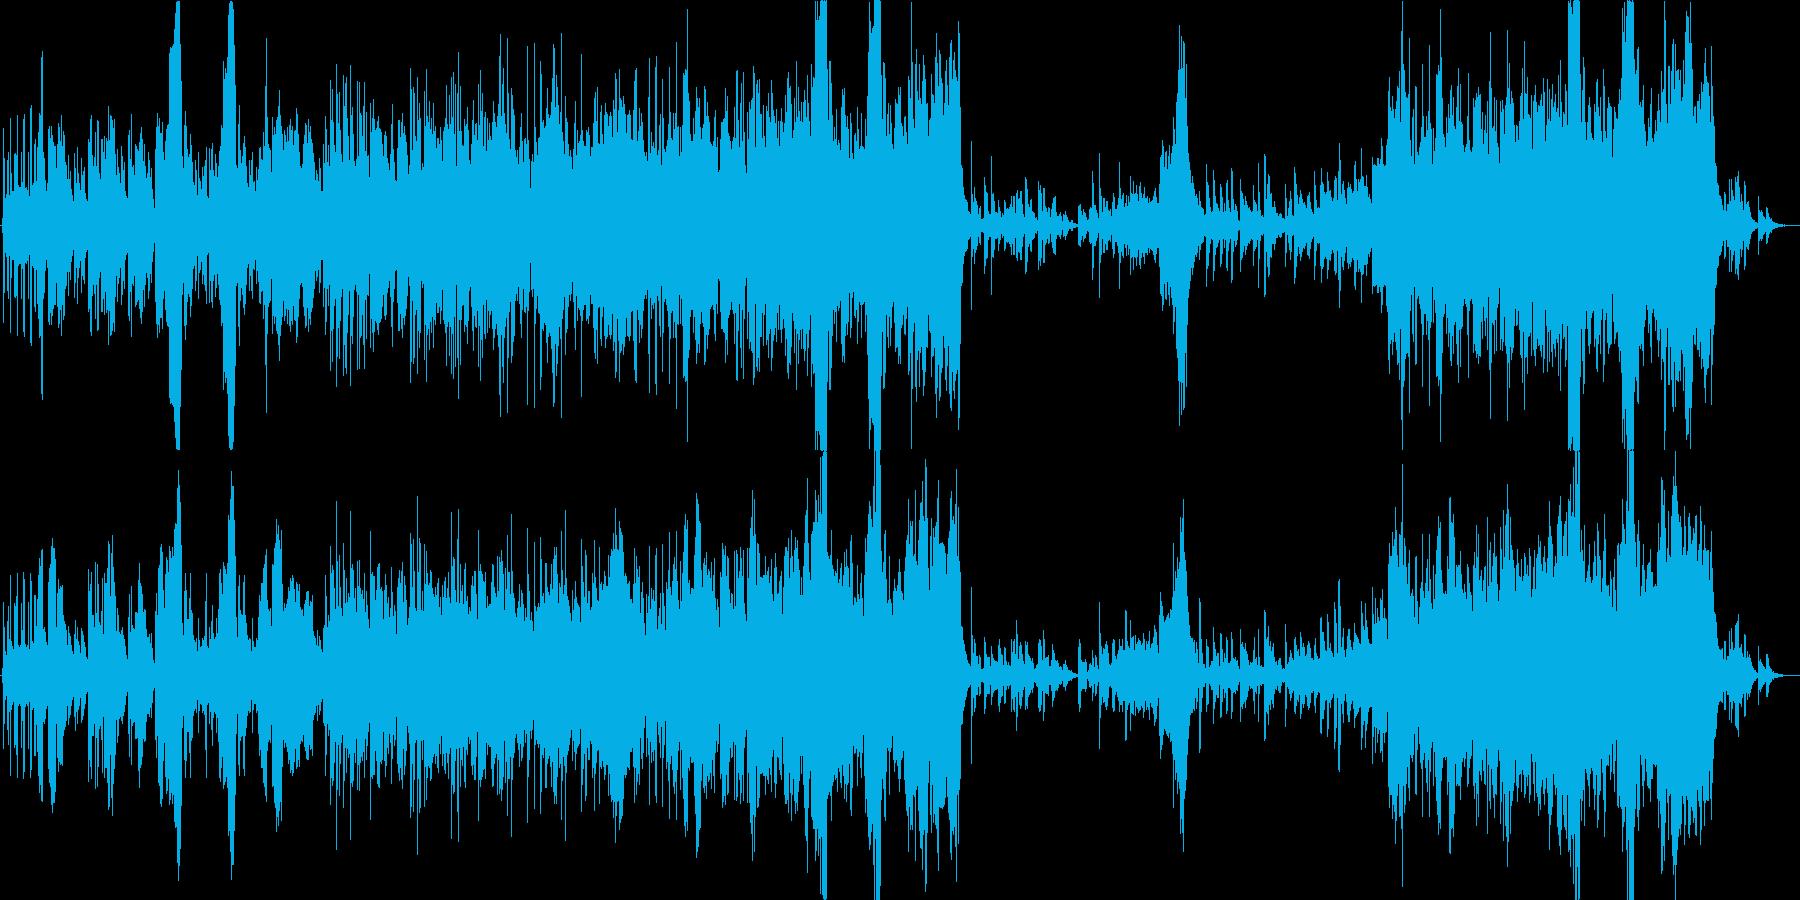 ほのぼのとした優しい曲の再生済みの波形